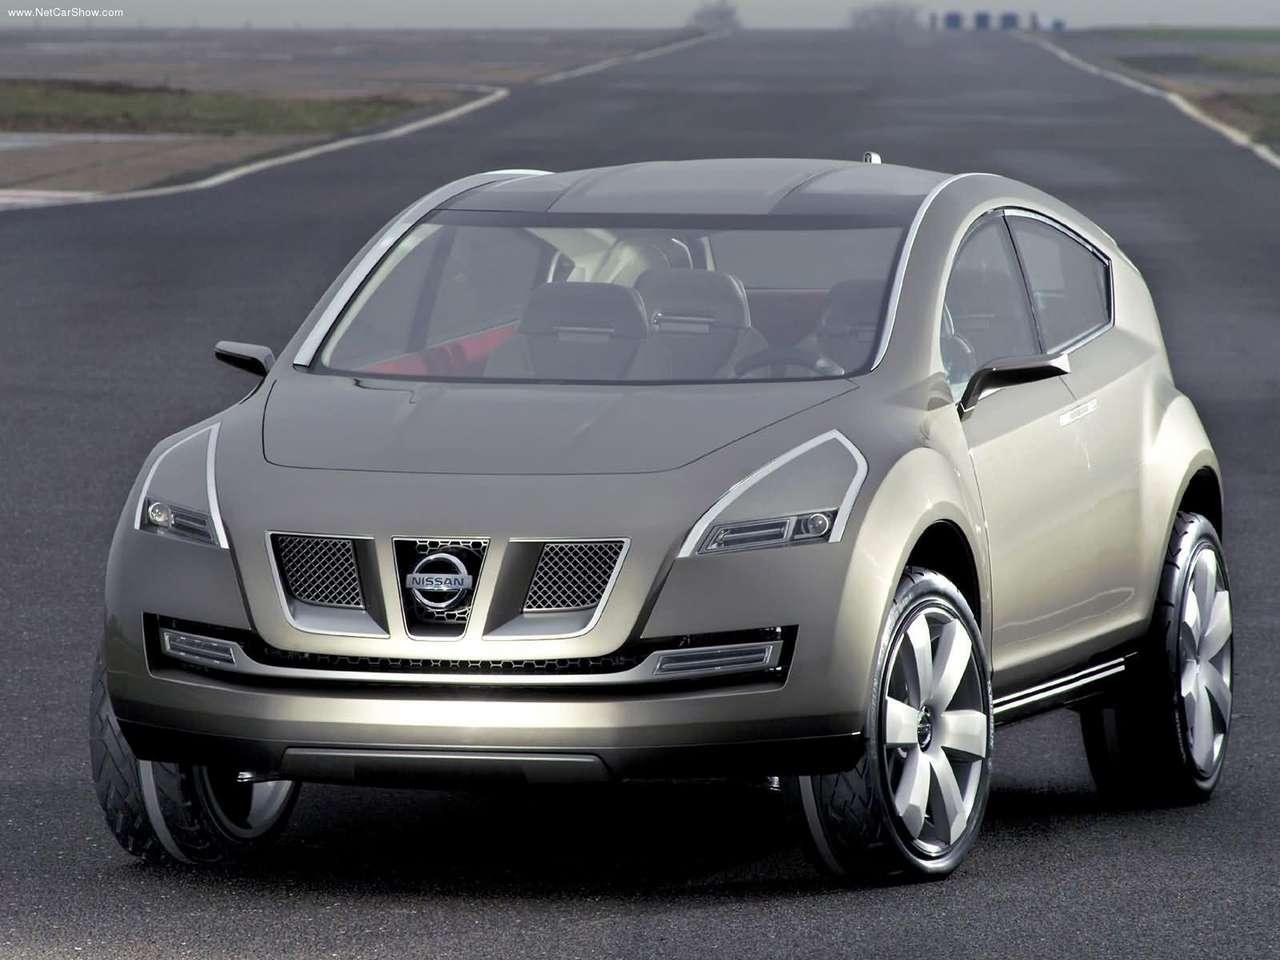 http://3.bp.blogspot.com/-HnTe6HEZdNI/TXtK2wmabhI/AAAAAAAAFc4/mOpo17e0FwY/s1600/Nissan-Qashqai_Concept_2004_1280x960_wallpaper_02.jpg